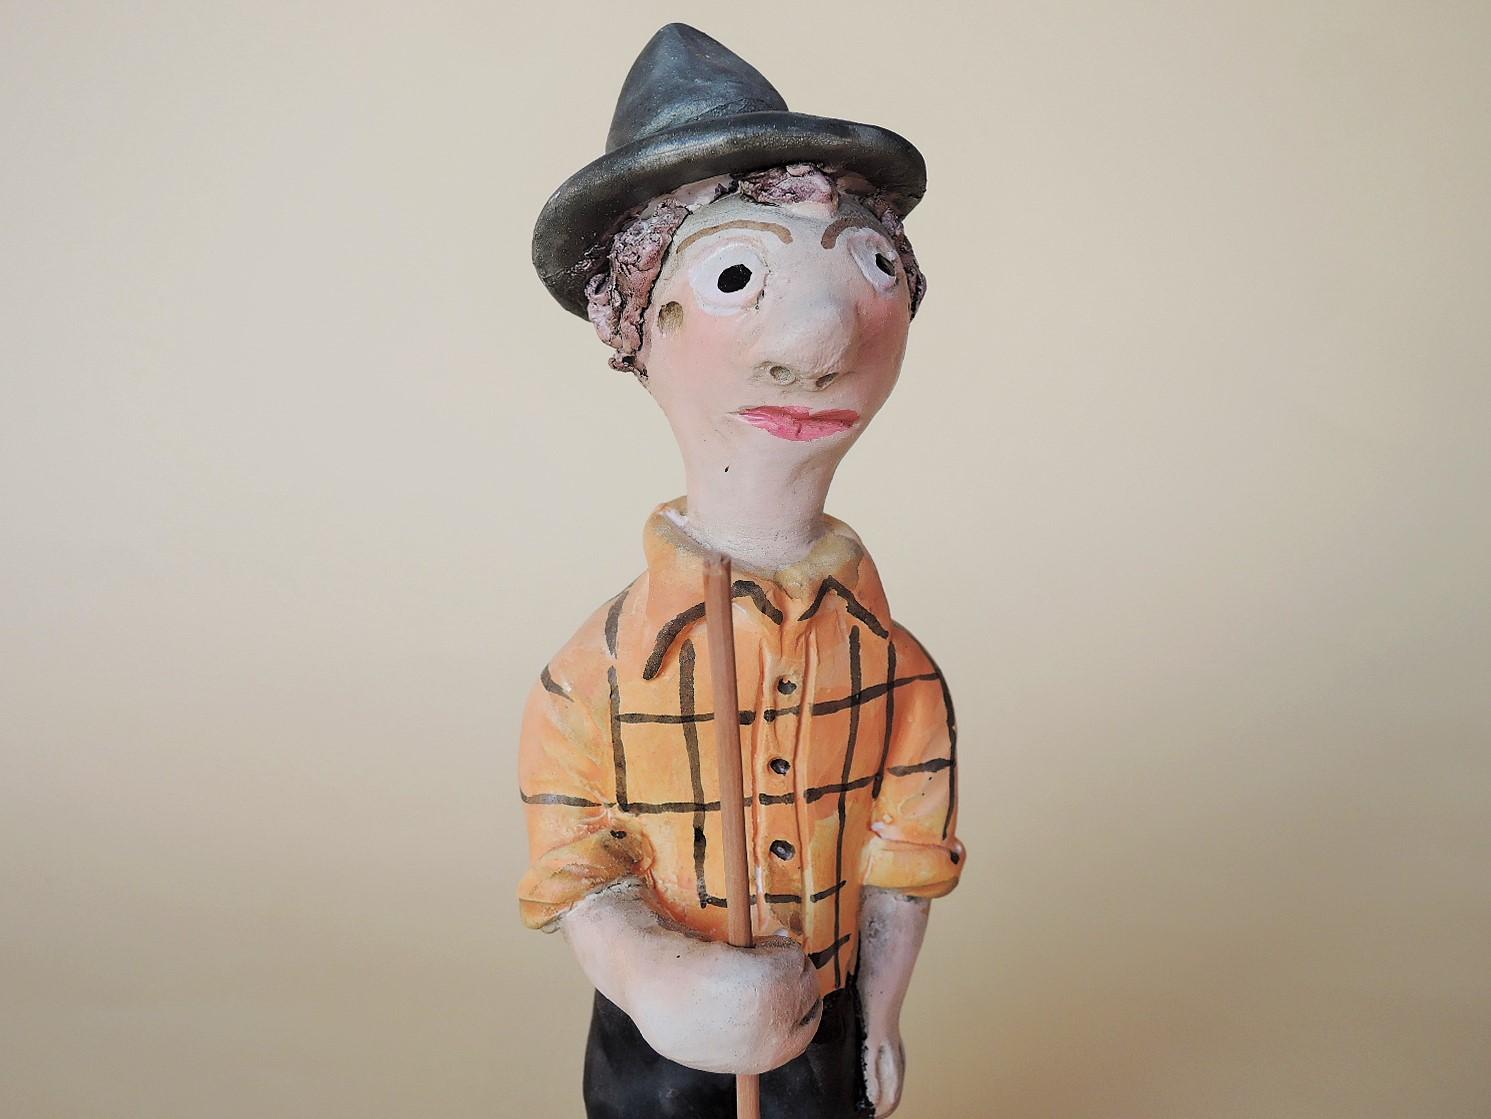 ポルトガル陶器 ミーニョの男性 フェルナンドモルガード作品